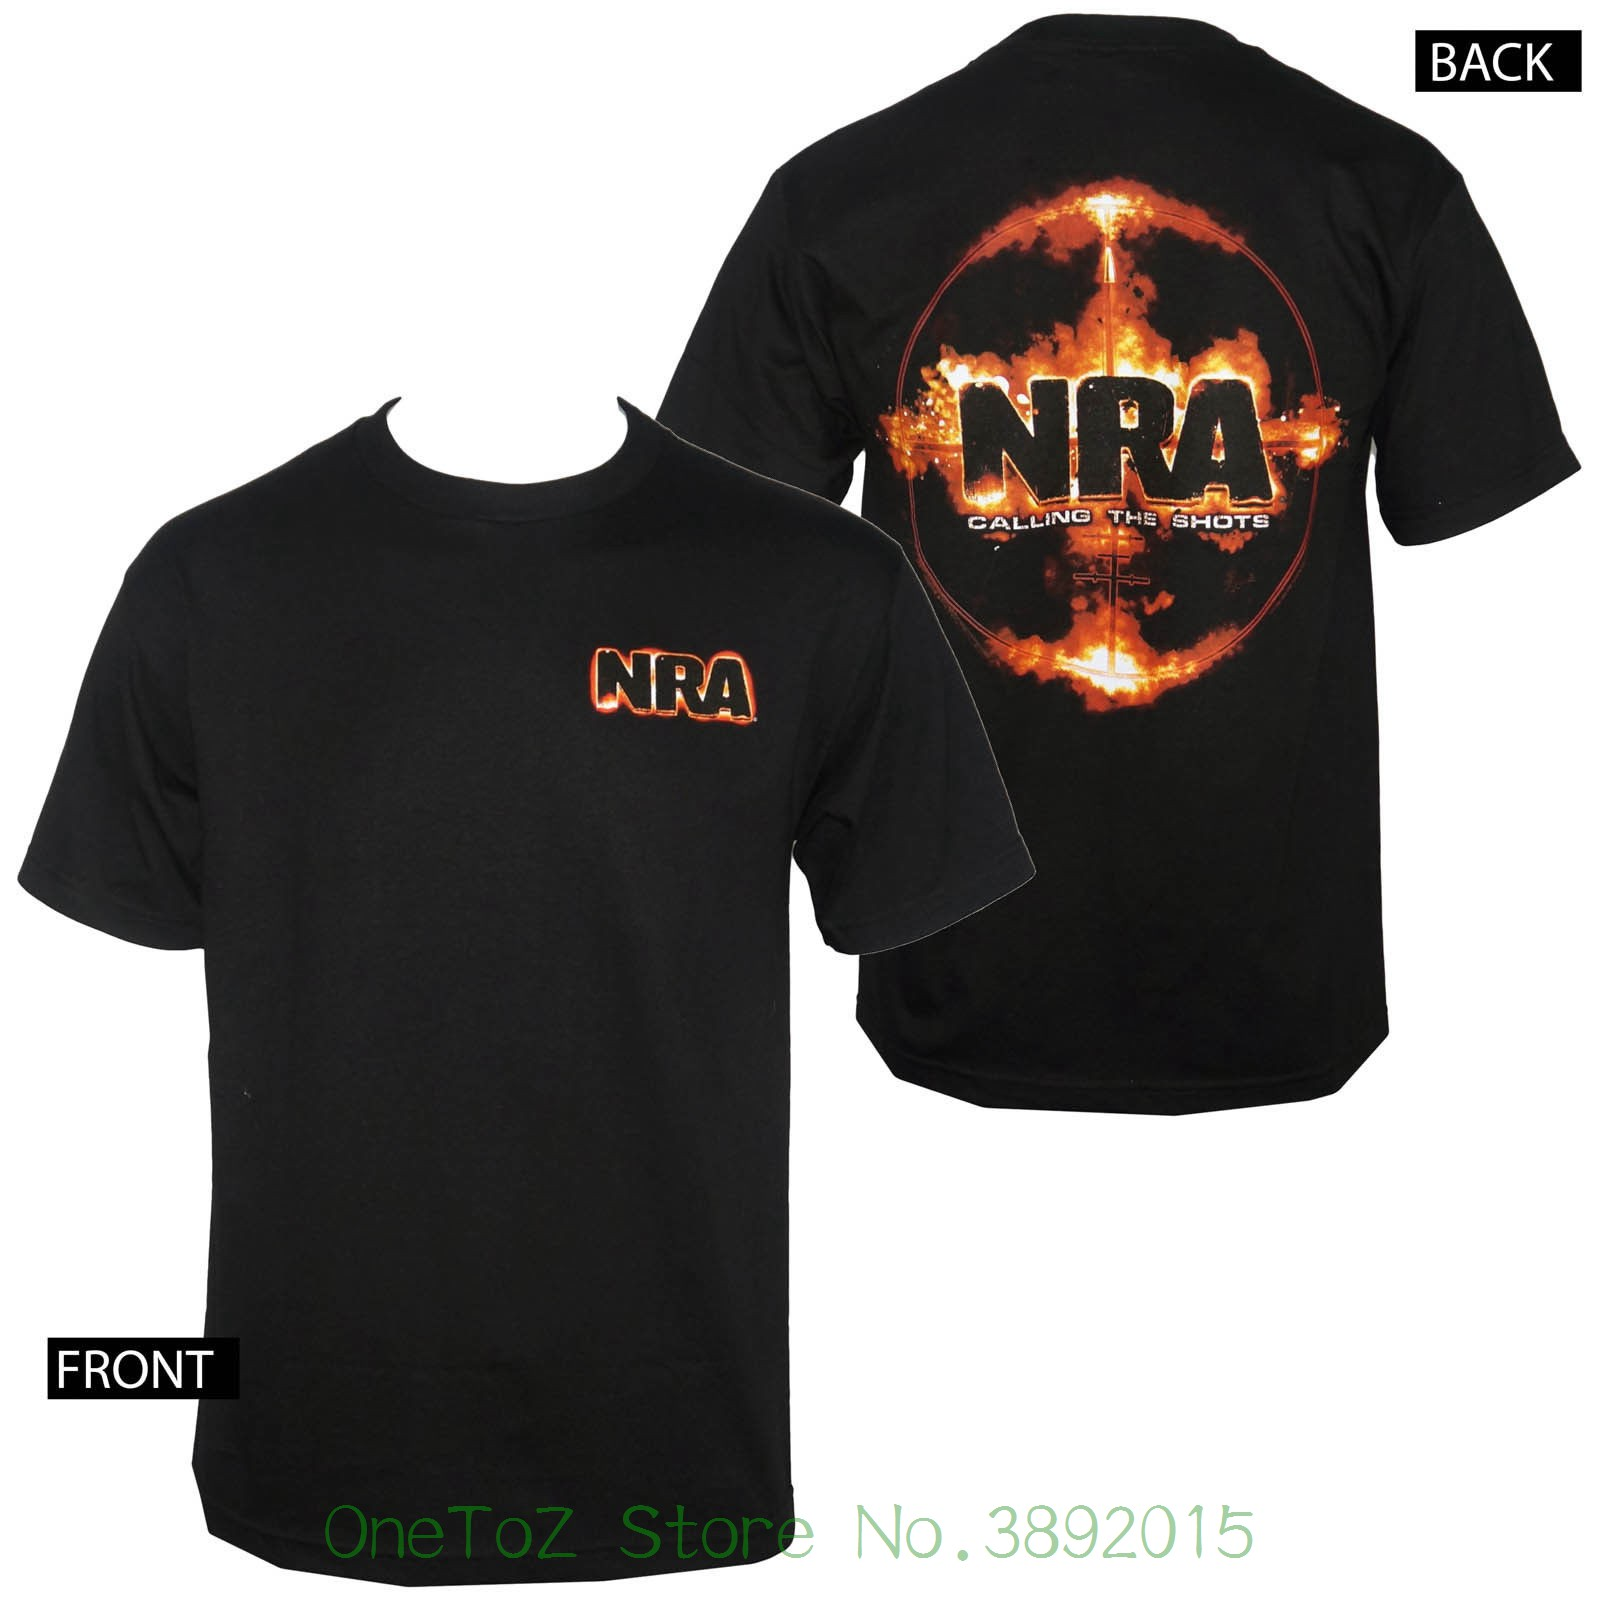 Новый 2018 Летний стиль футболка лицензированный нра область вызова выстрелы Мужская черная футболка S-3XL Новый